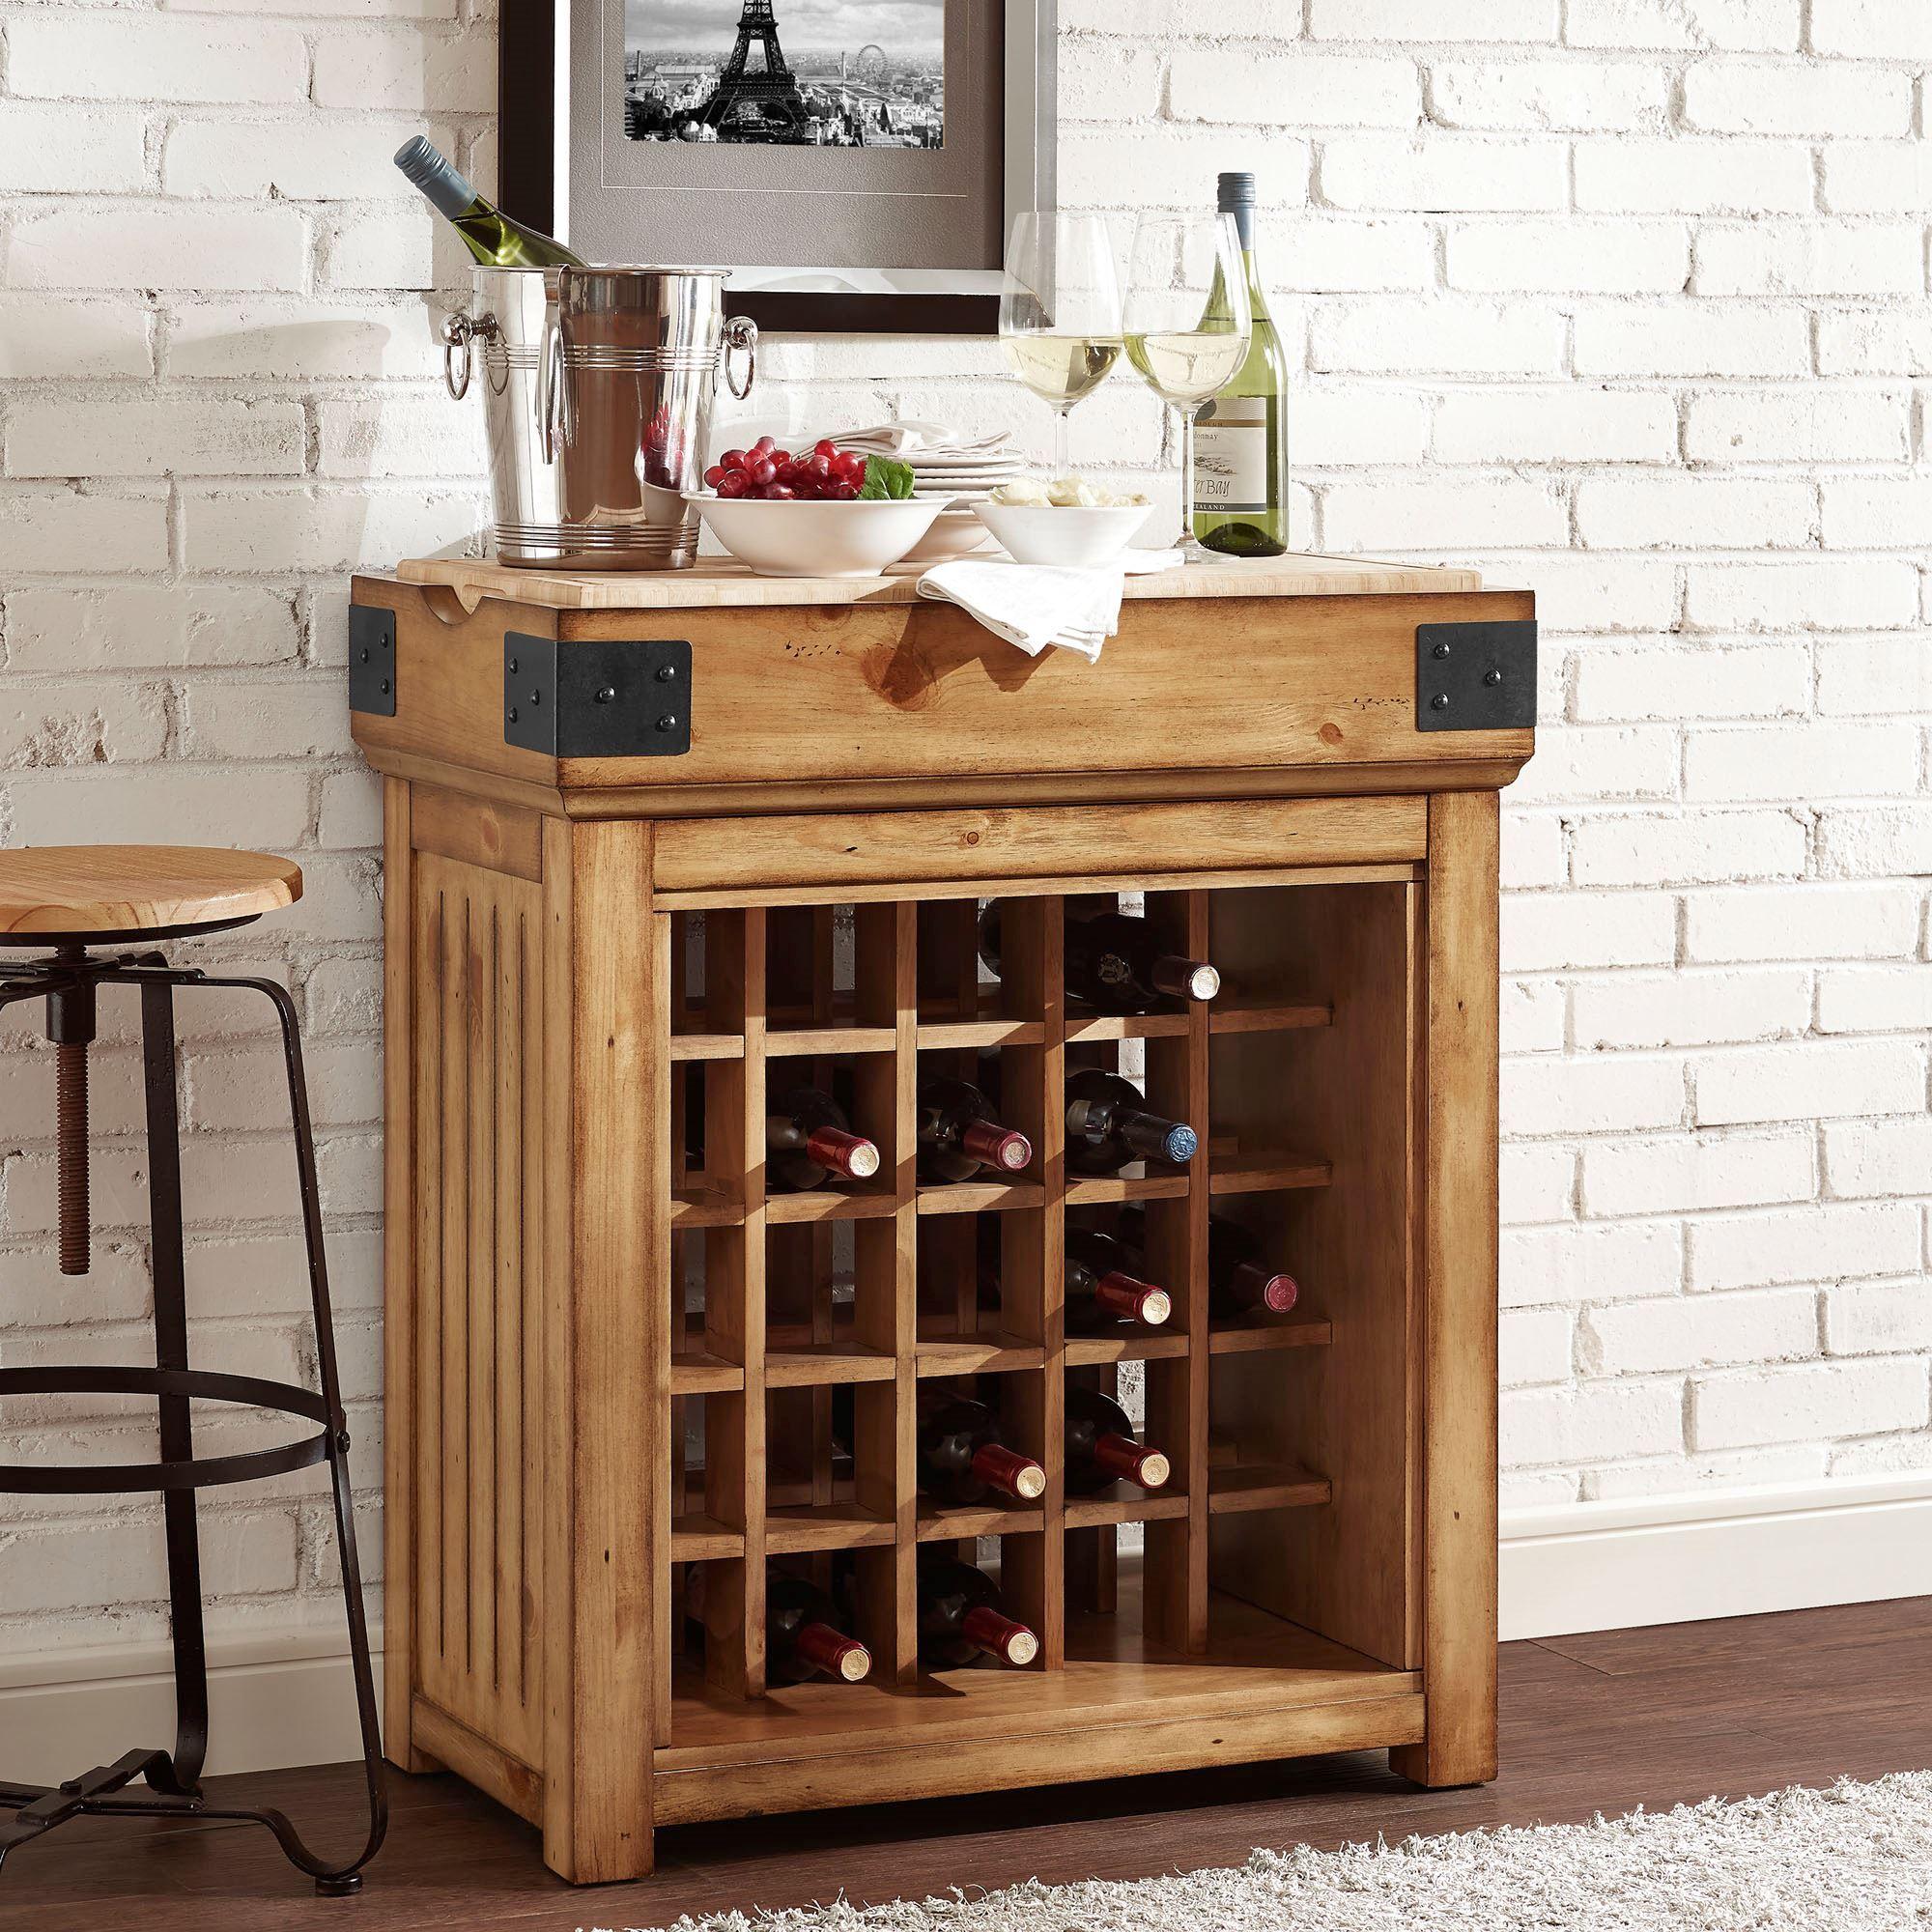 Wine Racks Kitchen Cabinets: Brendalynn Wooden Wine Storage Cabinet